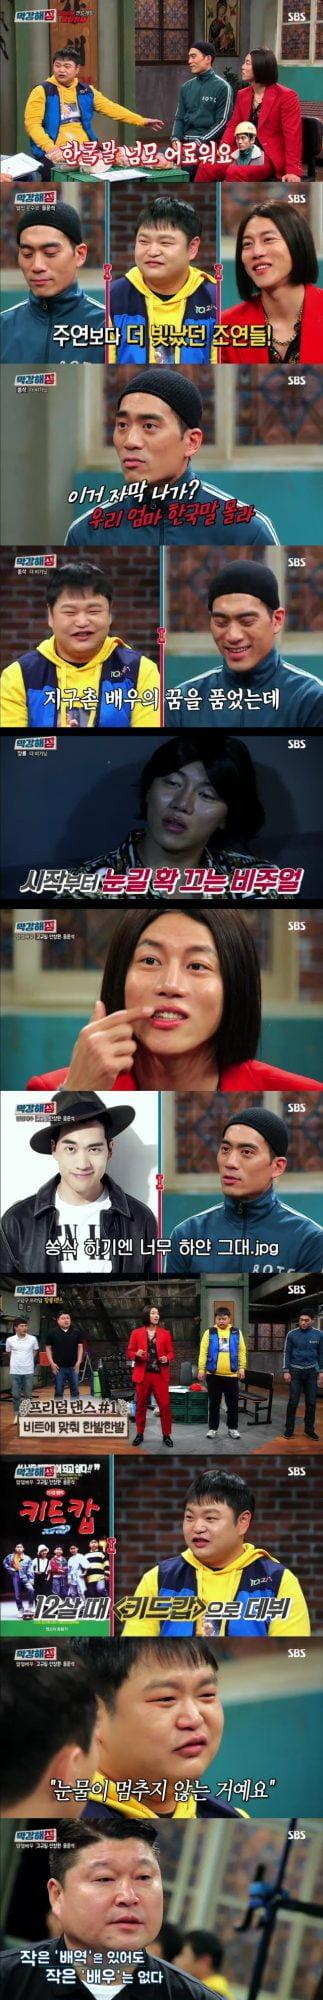 사진=SBS '가로채널' 캡처